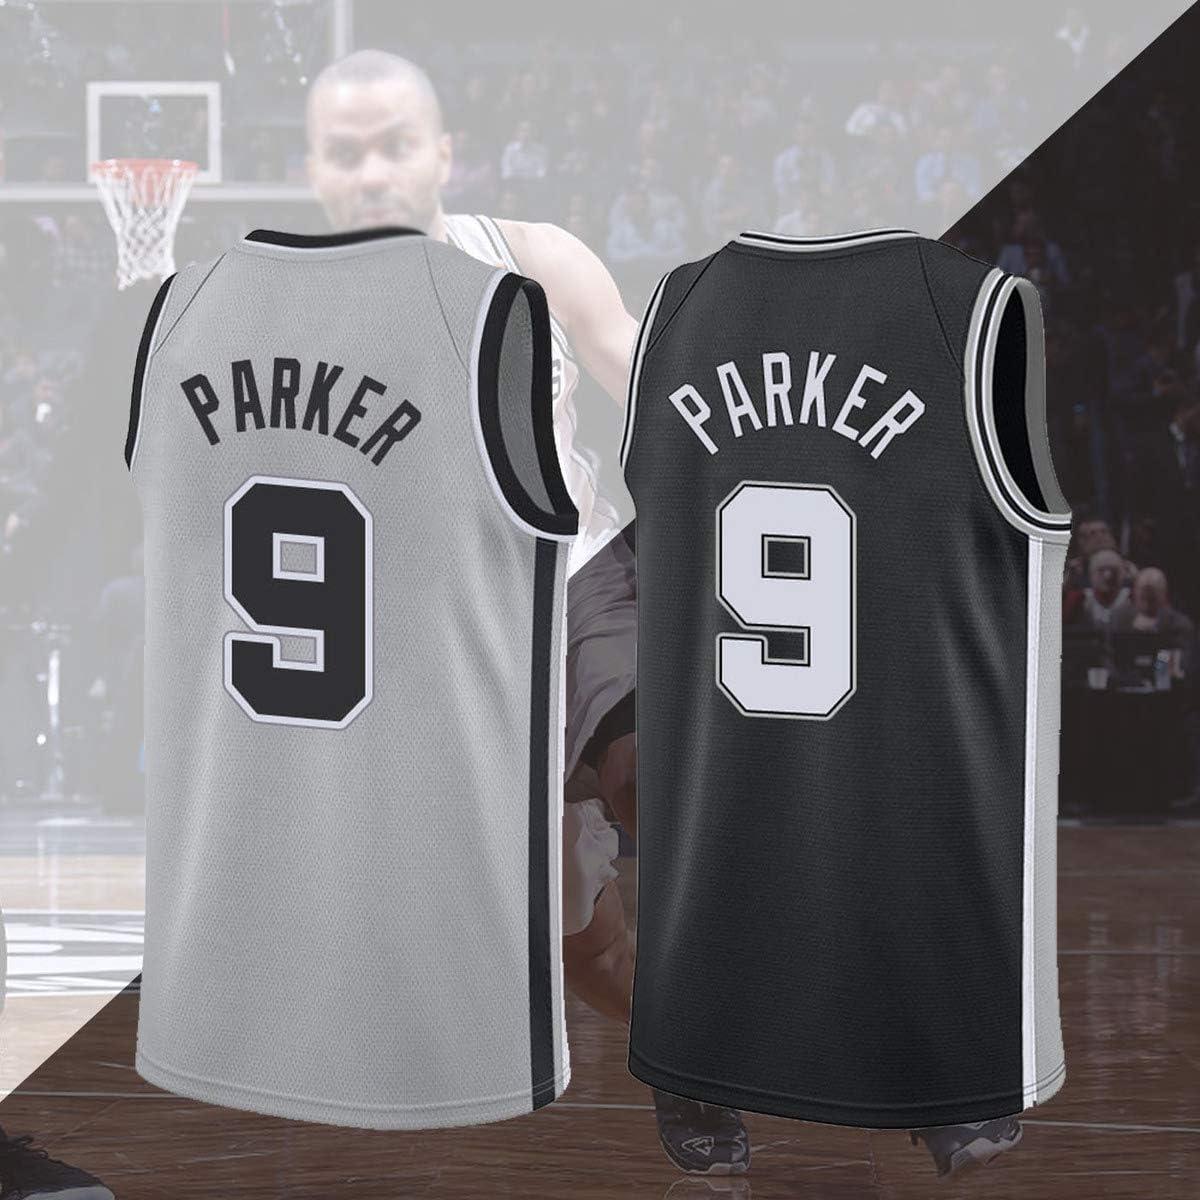 San Antonio Spurs Maillot Tony Parker No.8 T-Shirts de Basketball pour Hommes et Unisexes Ensemble sans Manches Classique Cadeau de la Ligue masc Nouvelle Saison Maillot Tony Parker # 8